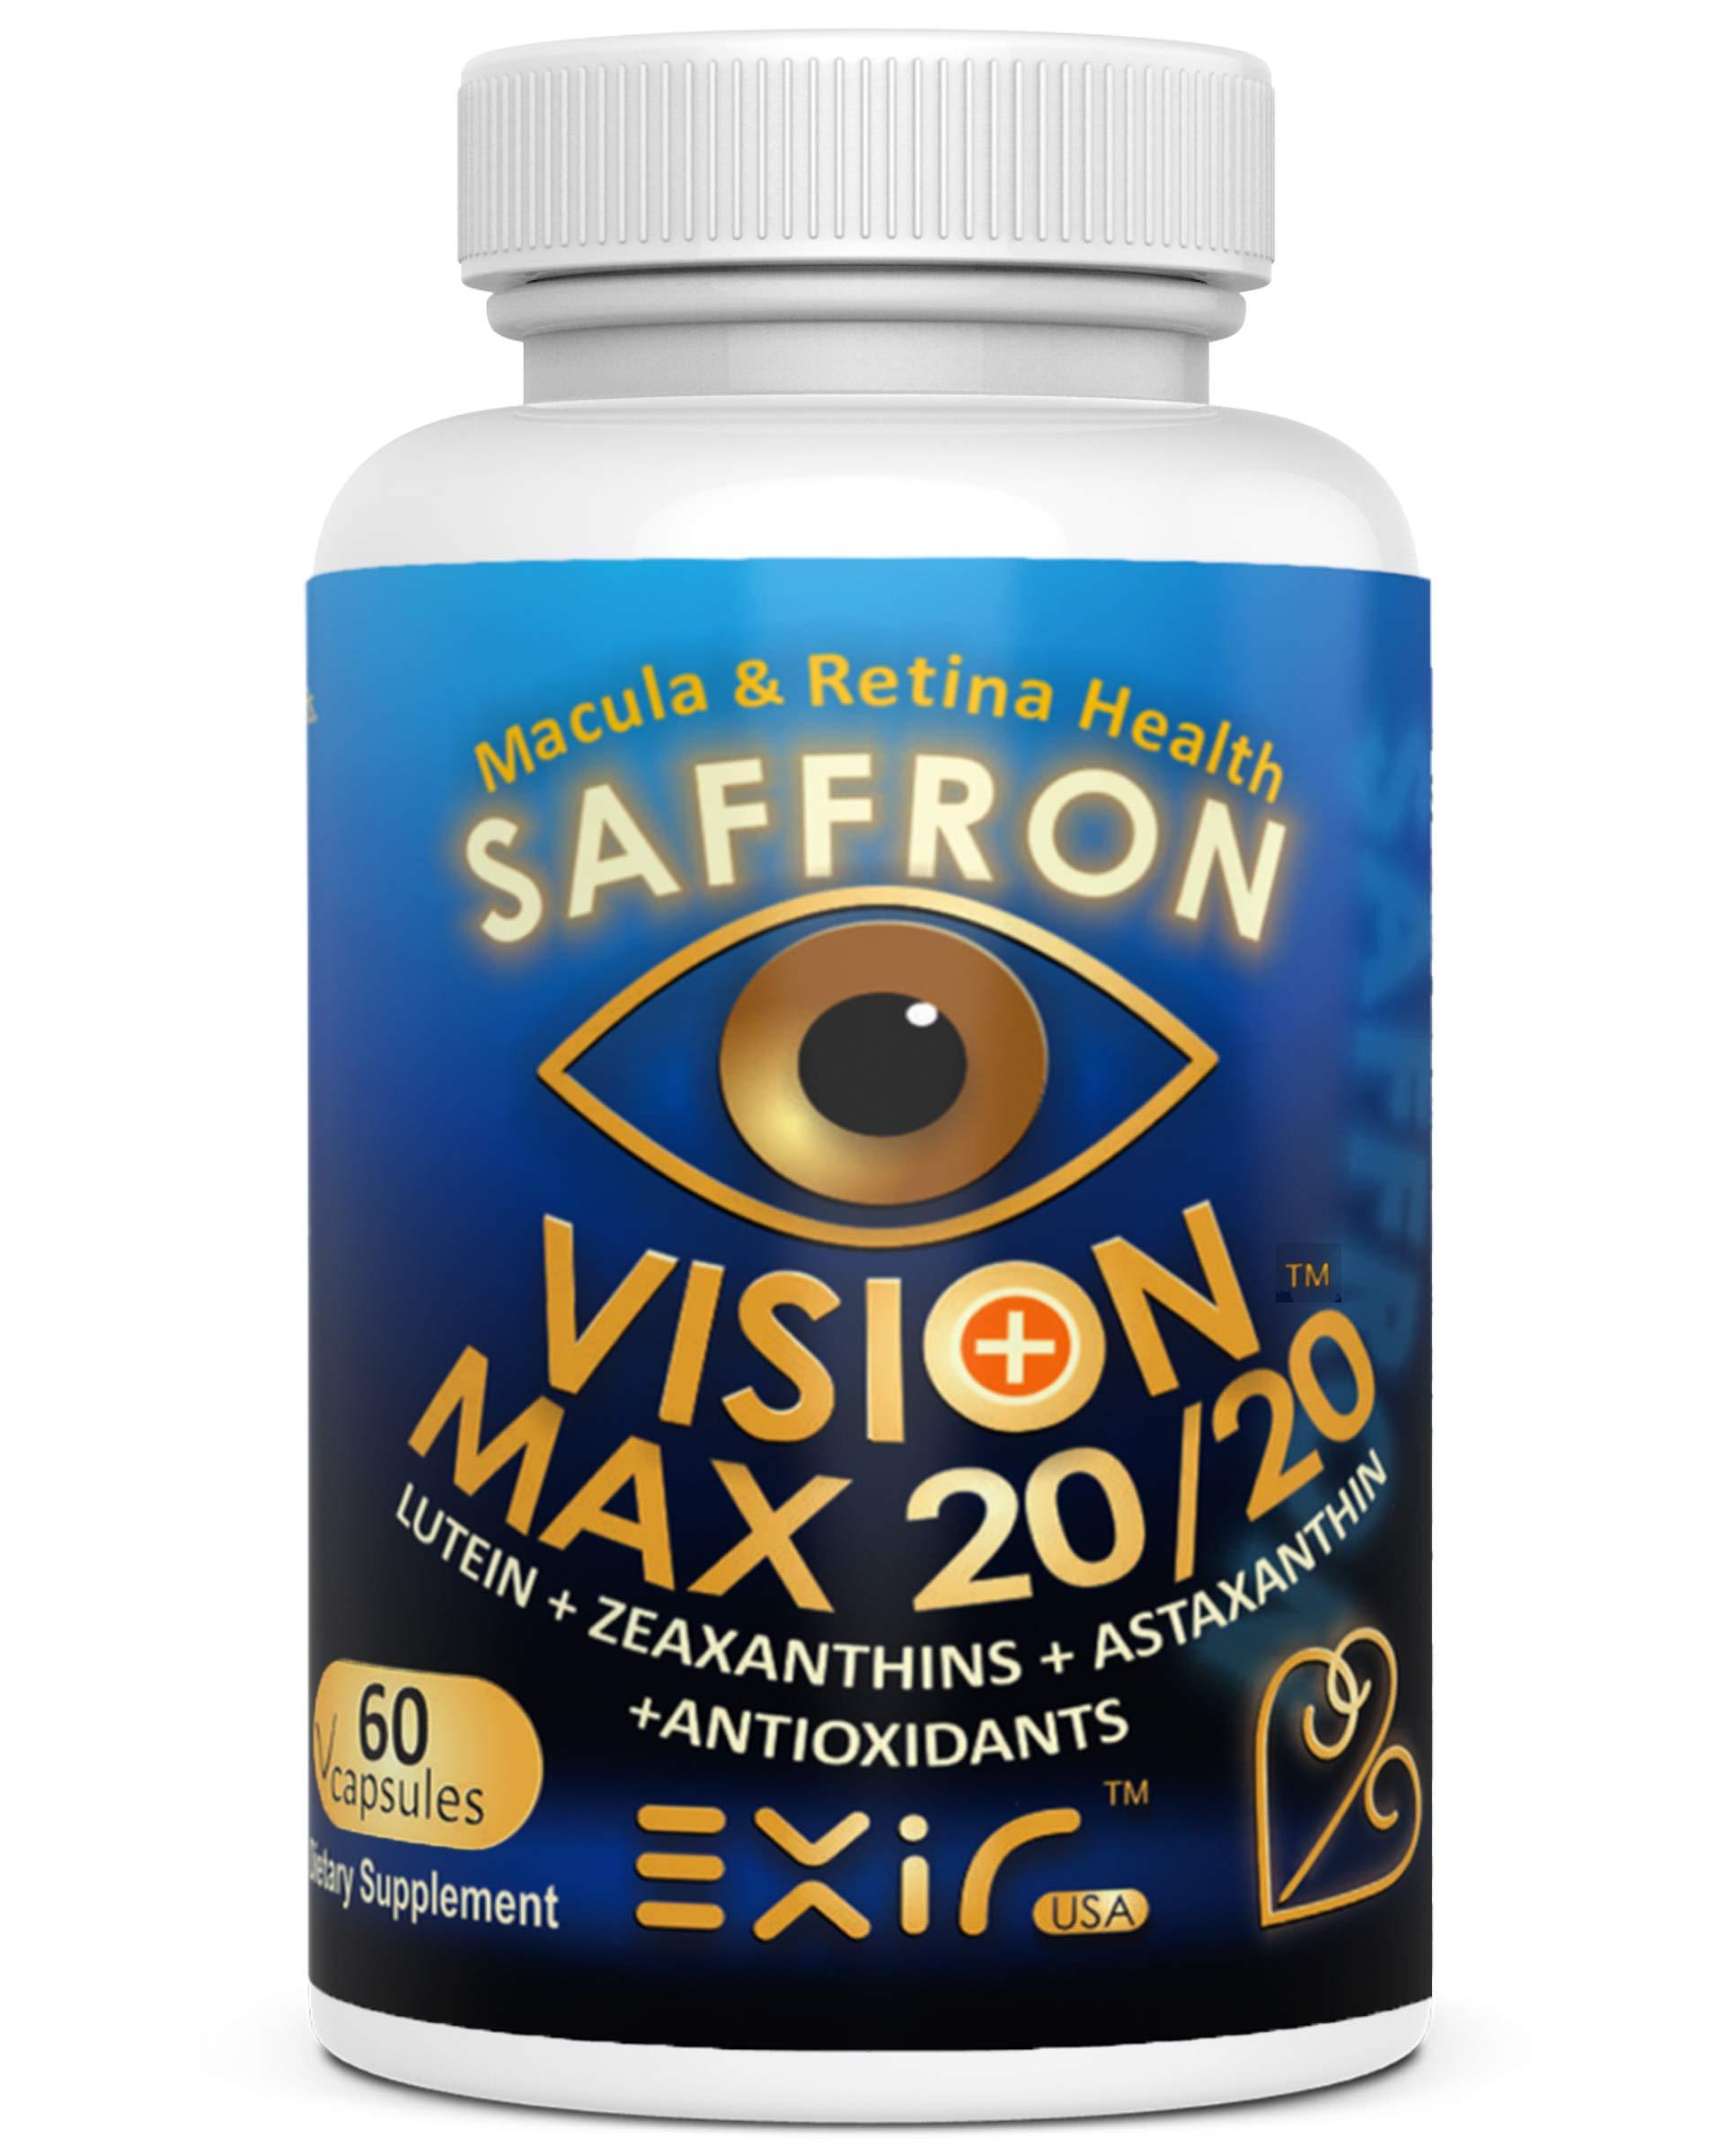 Vision Max 20/20 Computer Vision Digital Eye Strain Natural Supplements 60 Capsules